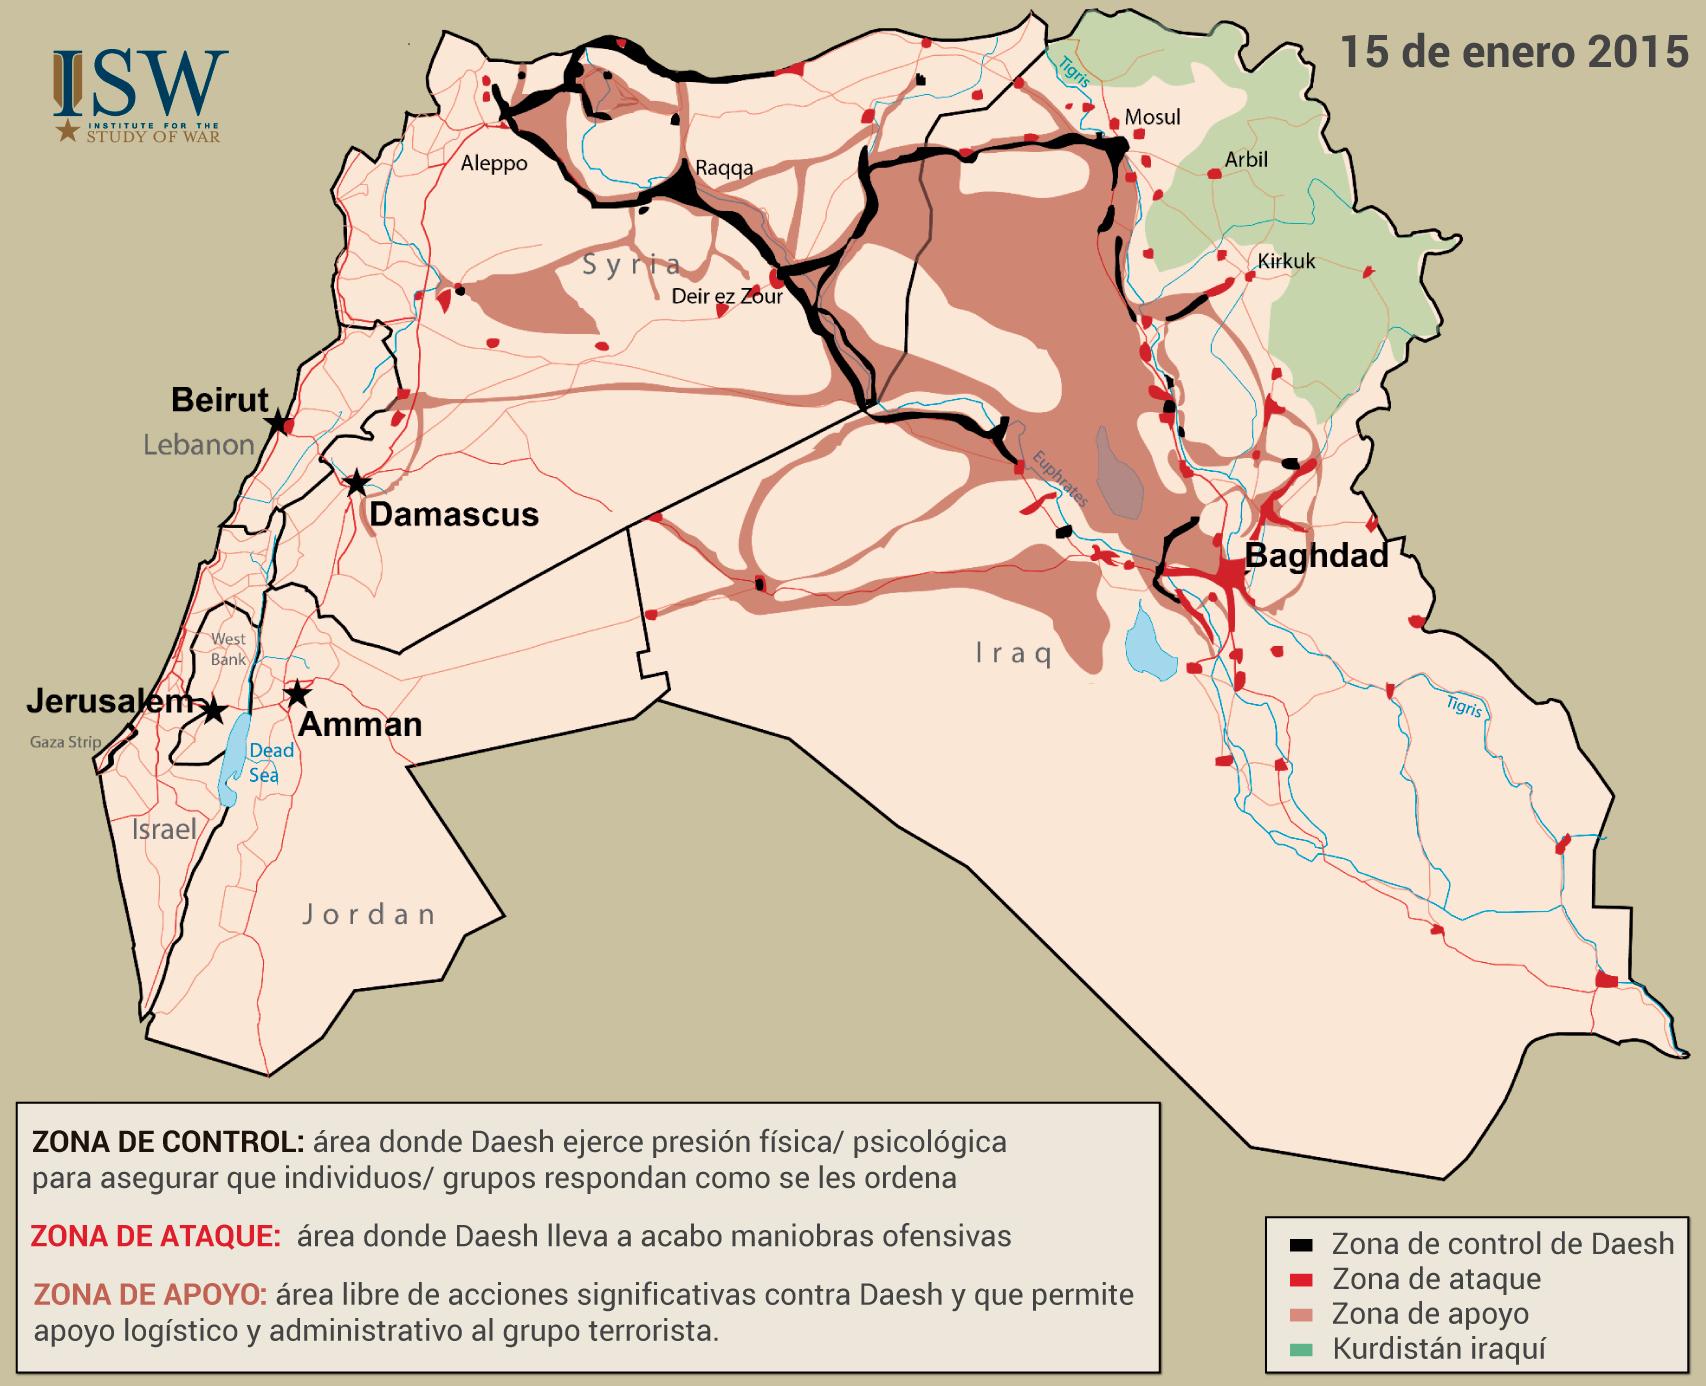 Mapa de control del Estado Islámico un año atrás, en enero de 2015.